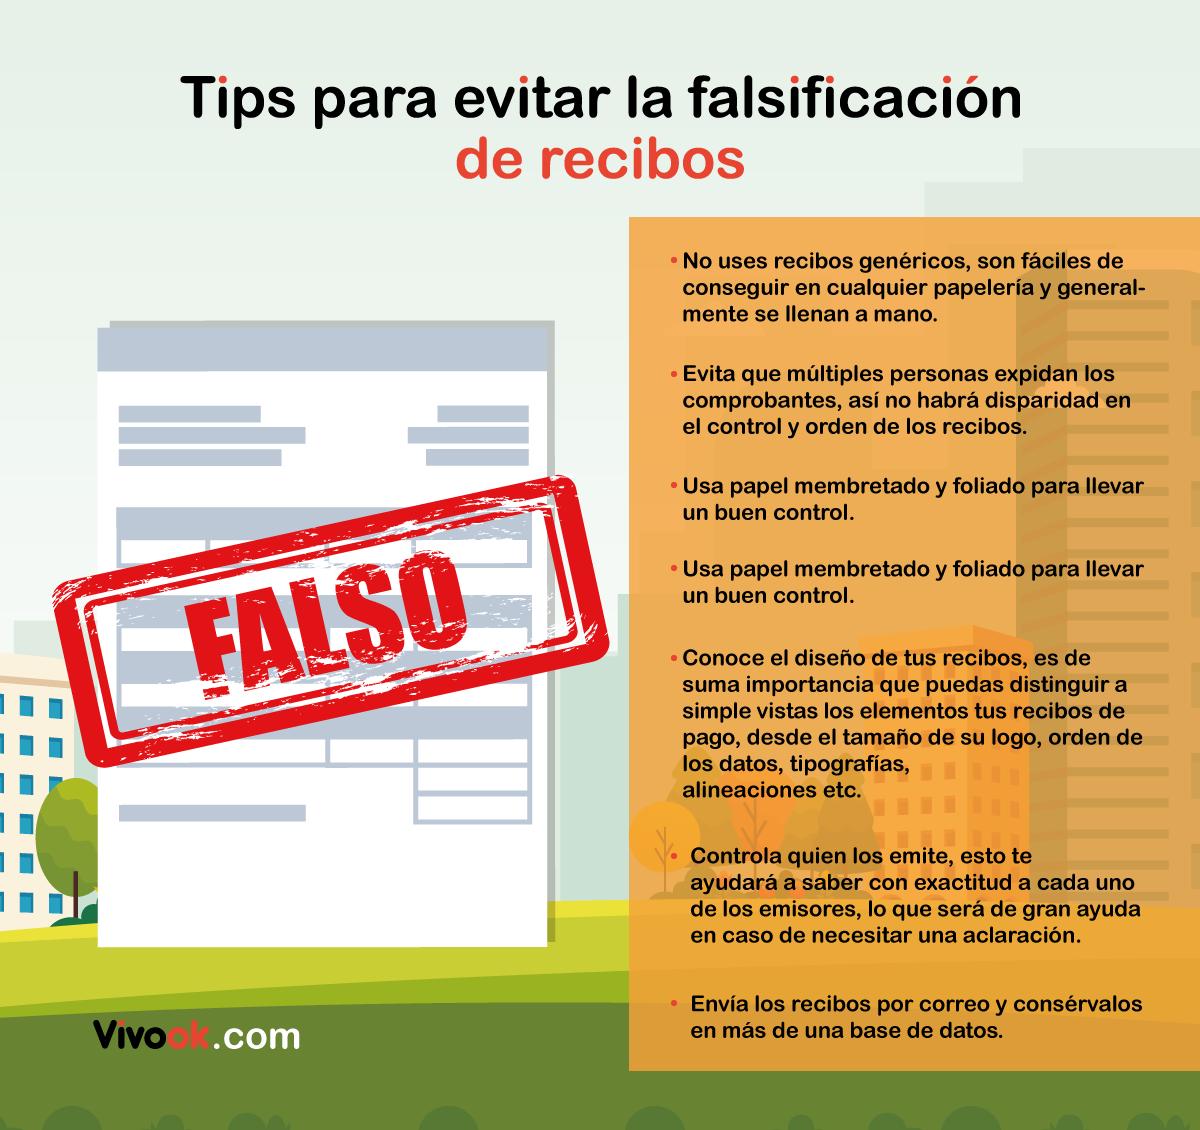 como evitar la falsificacion de recibos